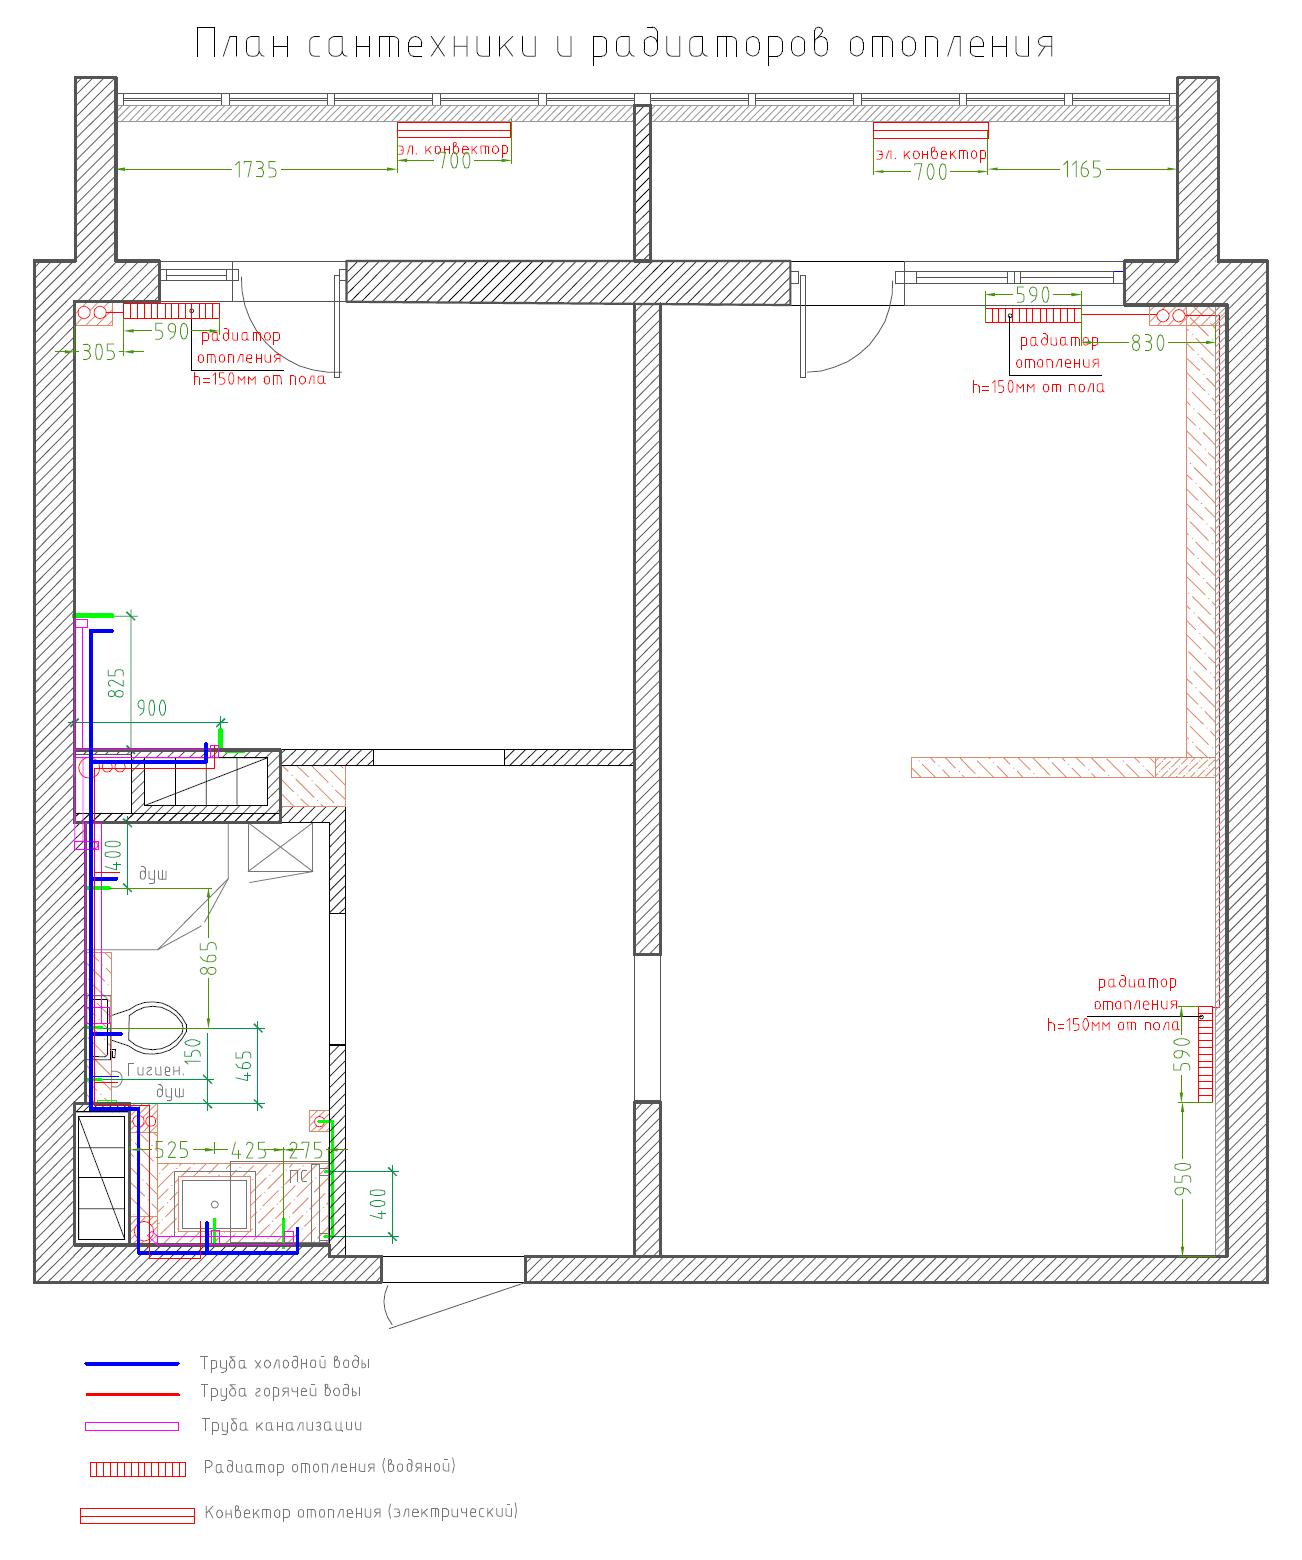 план инженерных систем отопления и сантехники